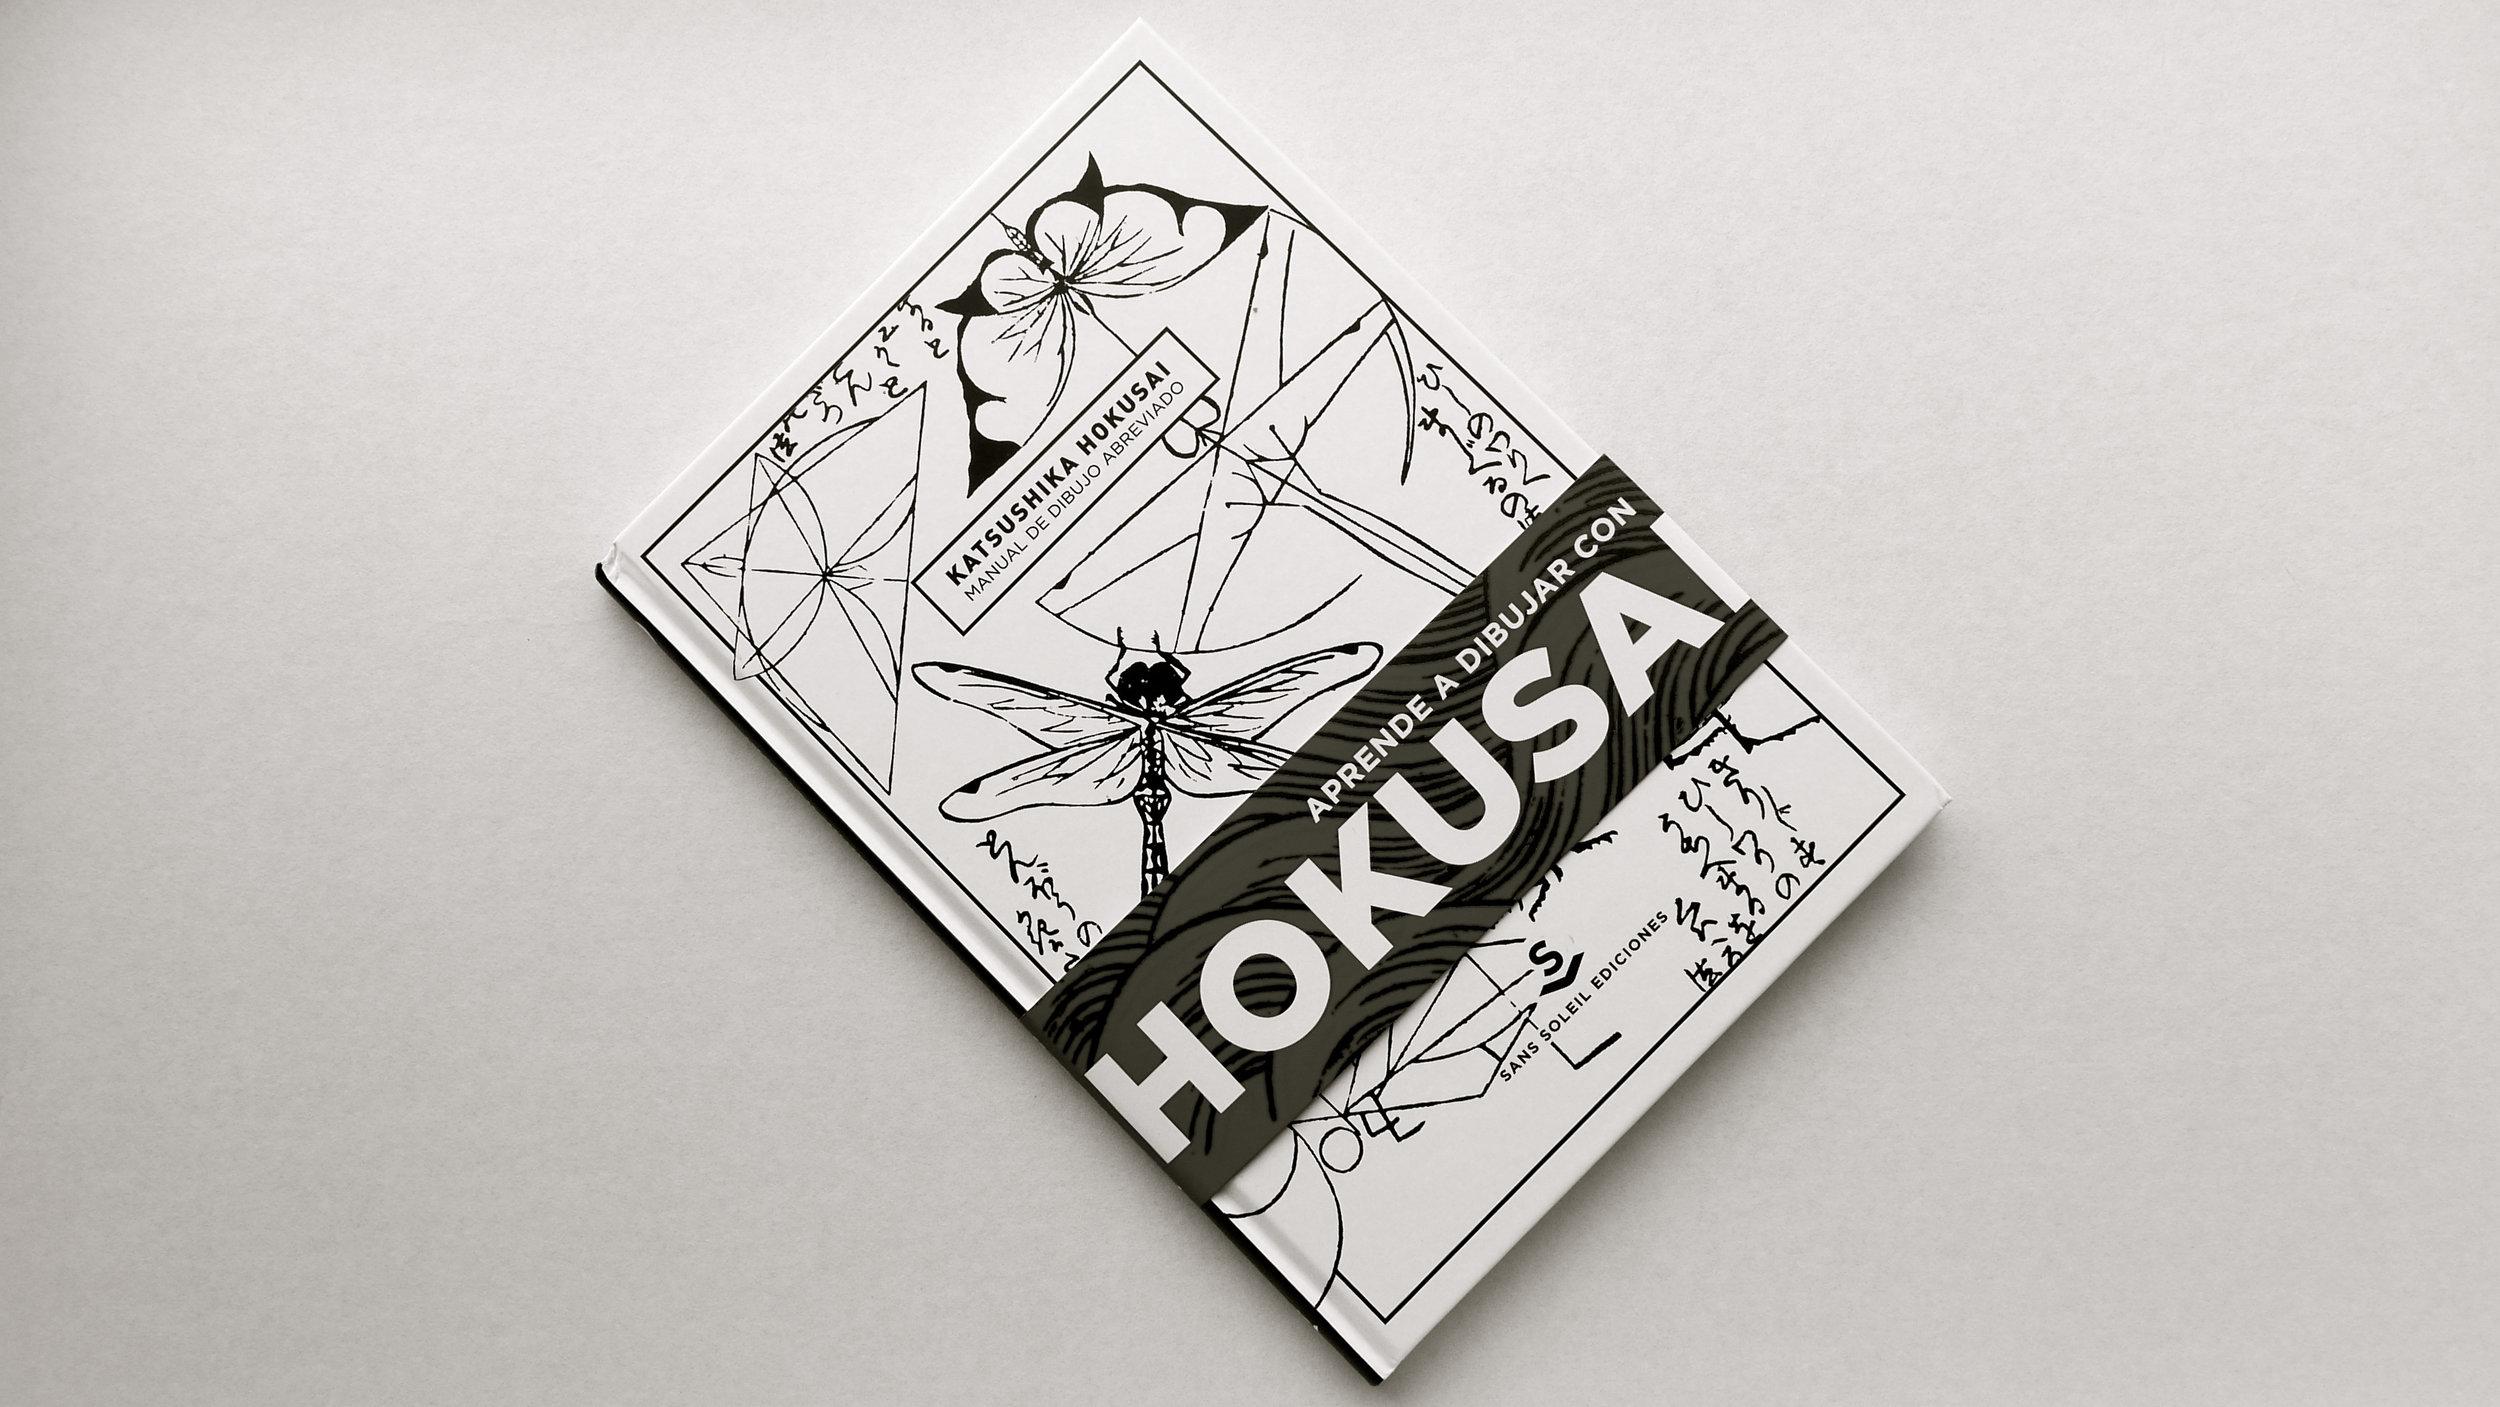 Aprende a dibujar con Hokusai